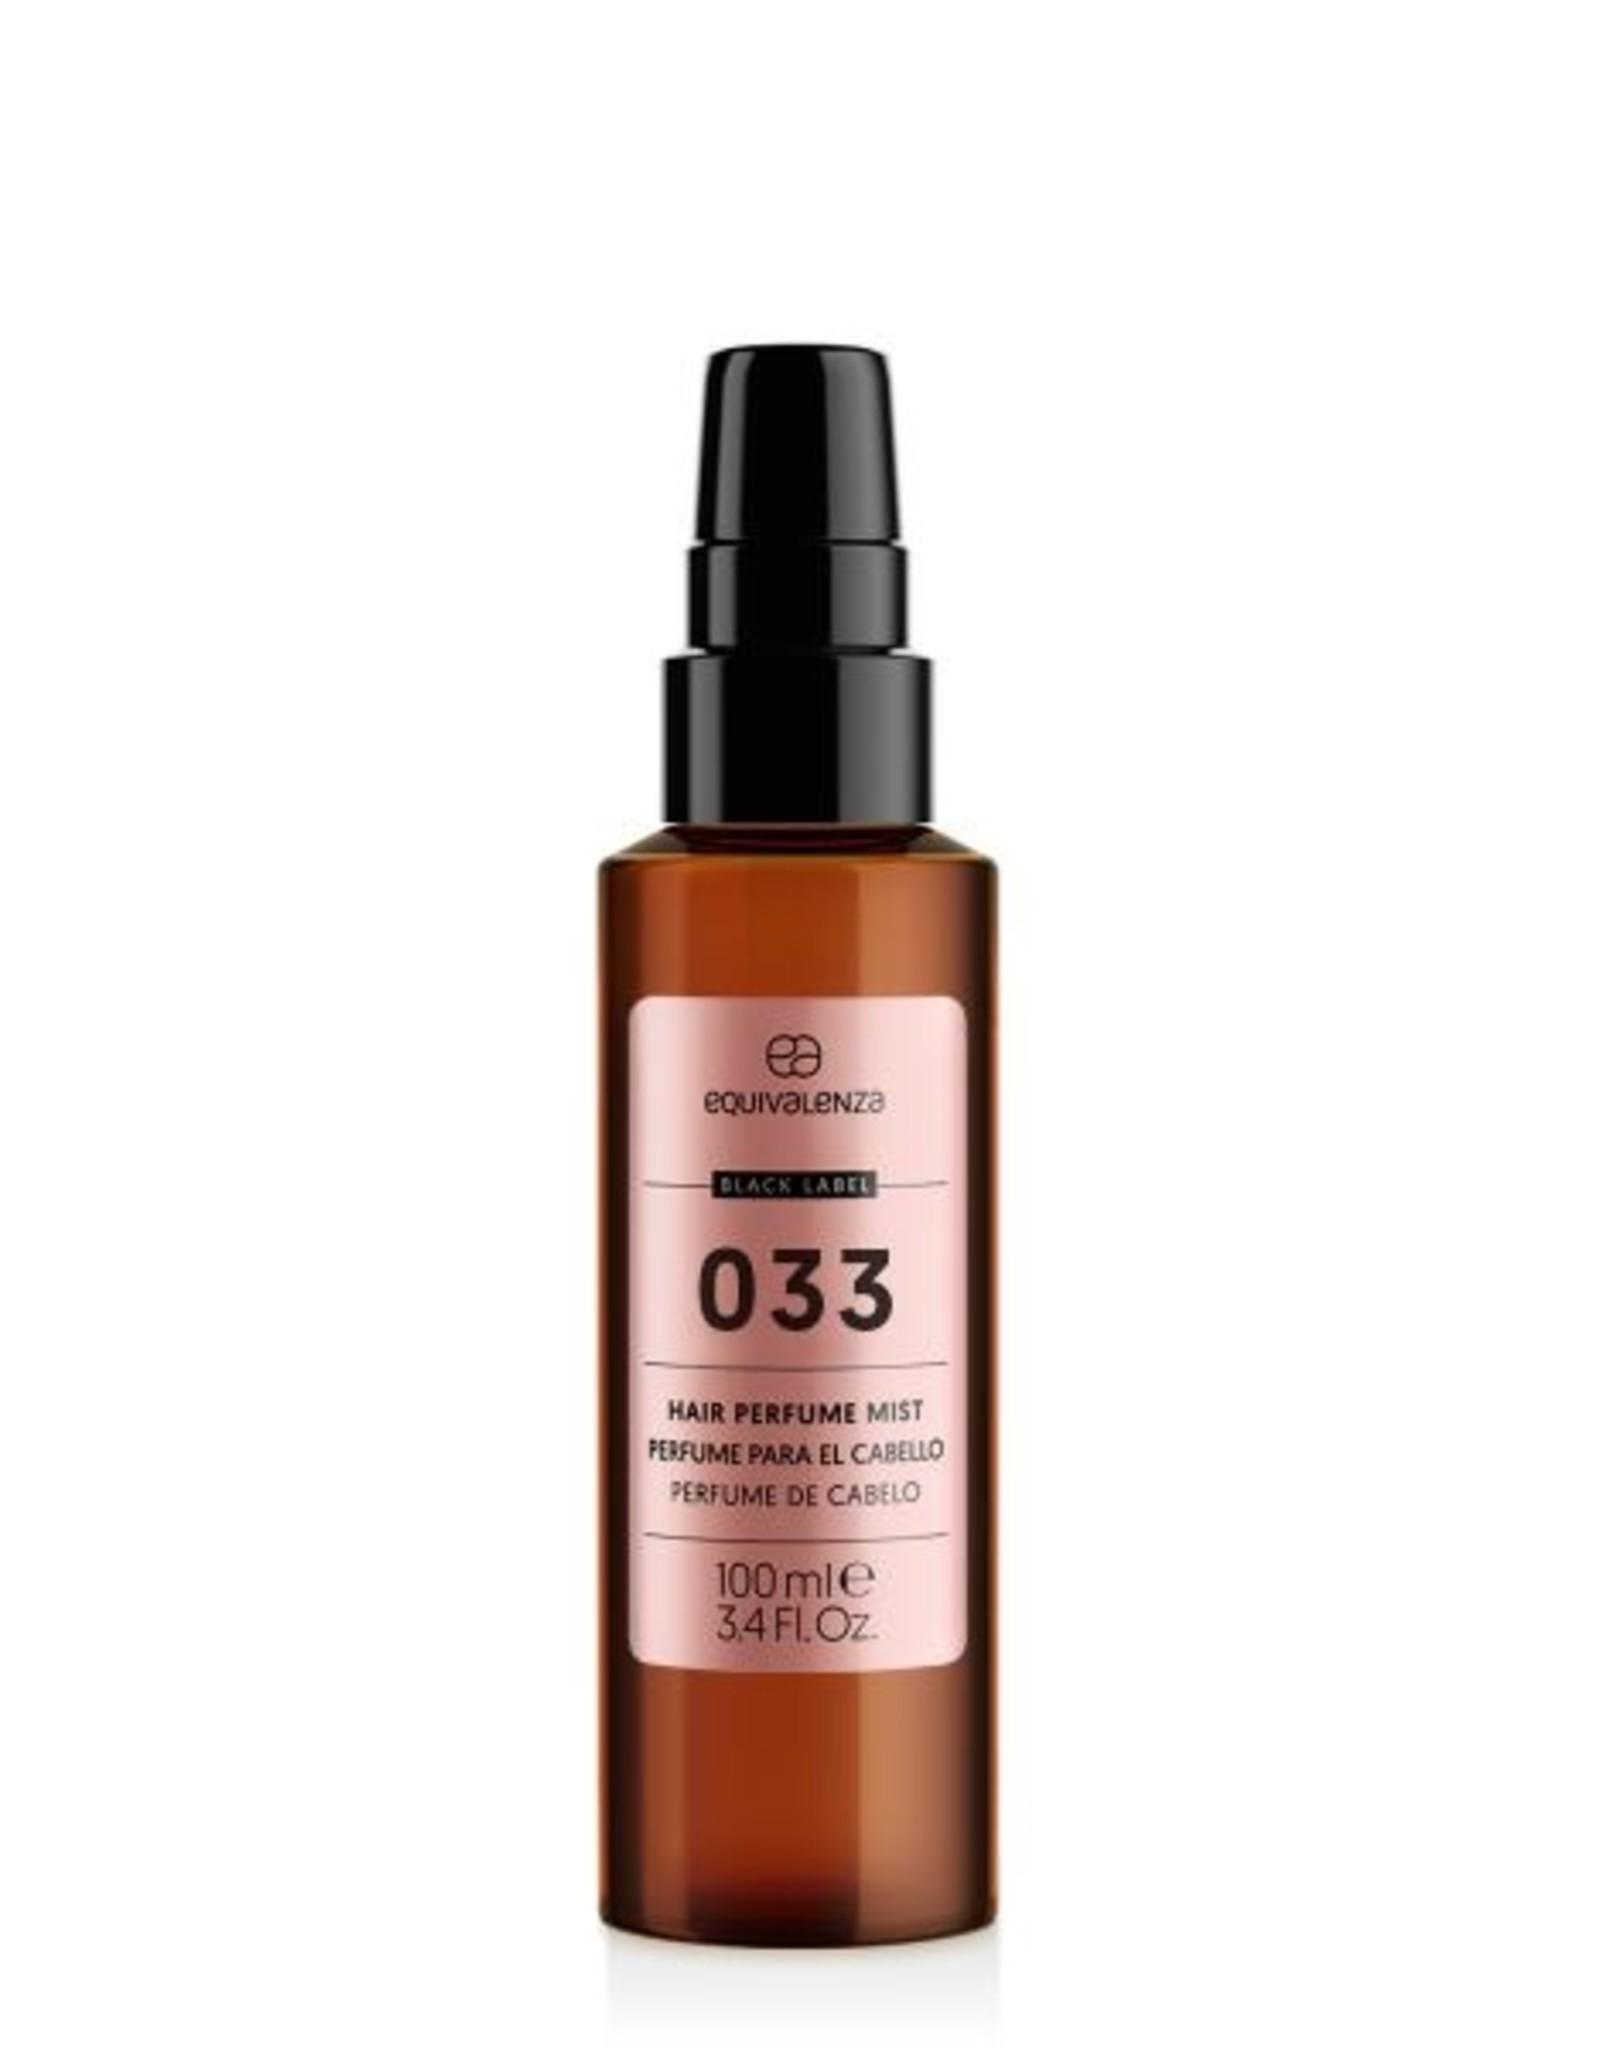 Equivalenza Parfum pour les Cheveux Black Label 033